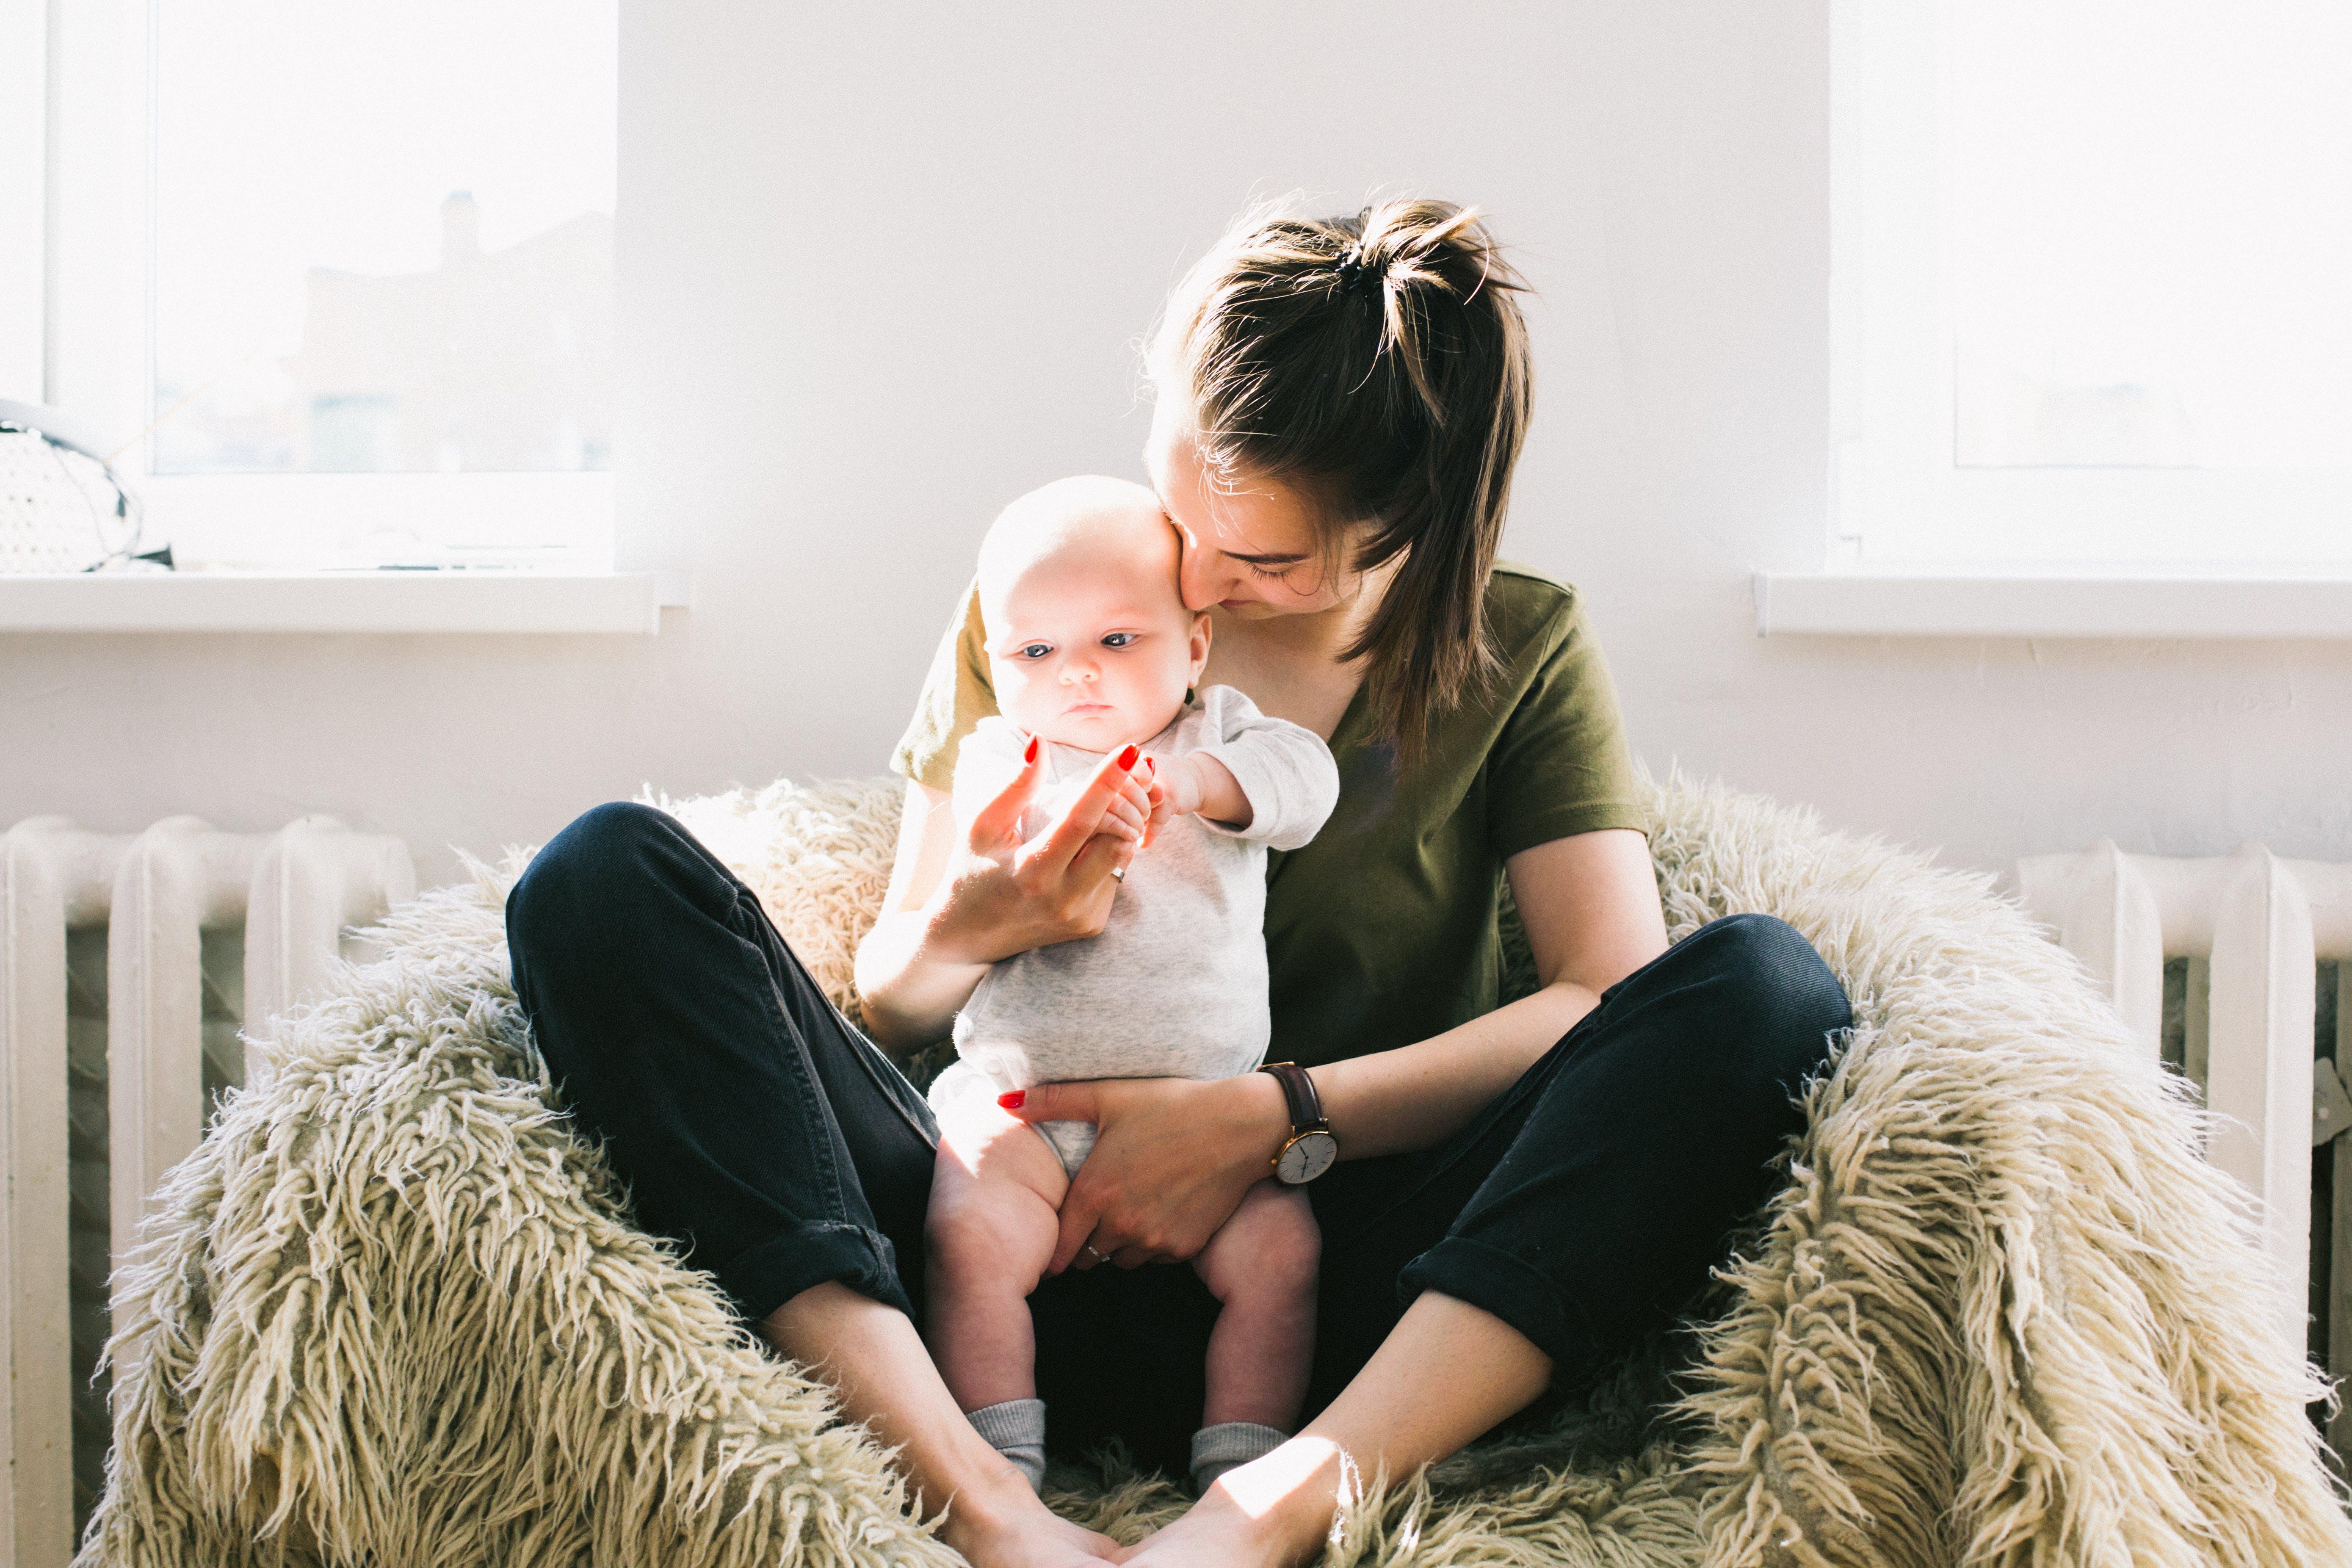 Las mujeres que tienen hijos a los 30 años viven más